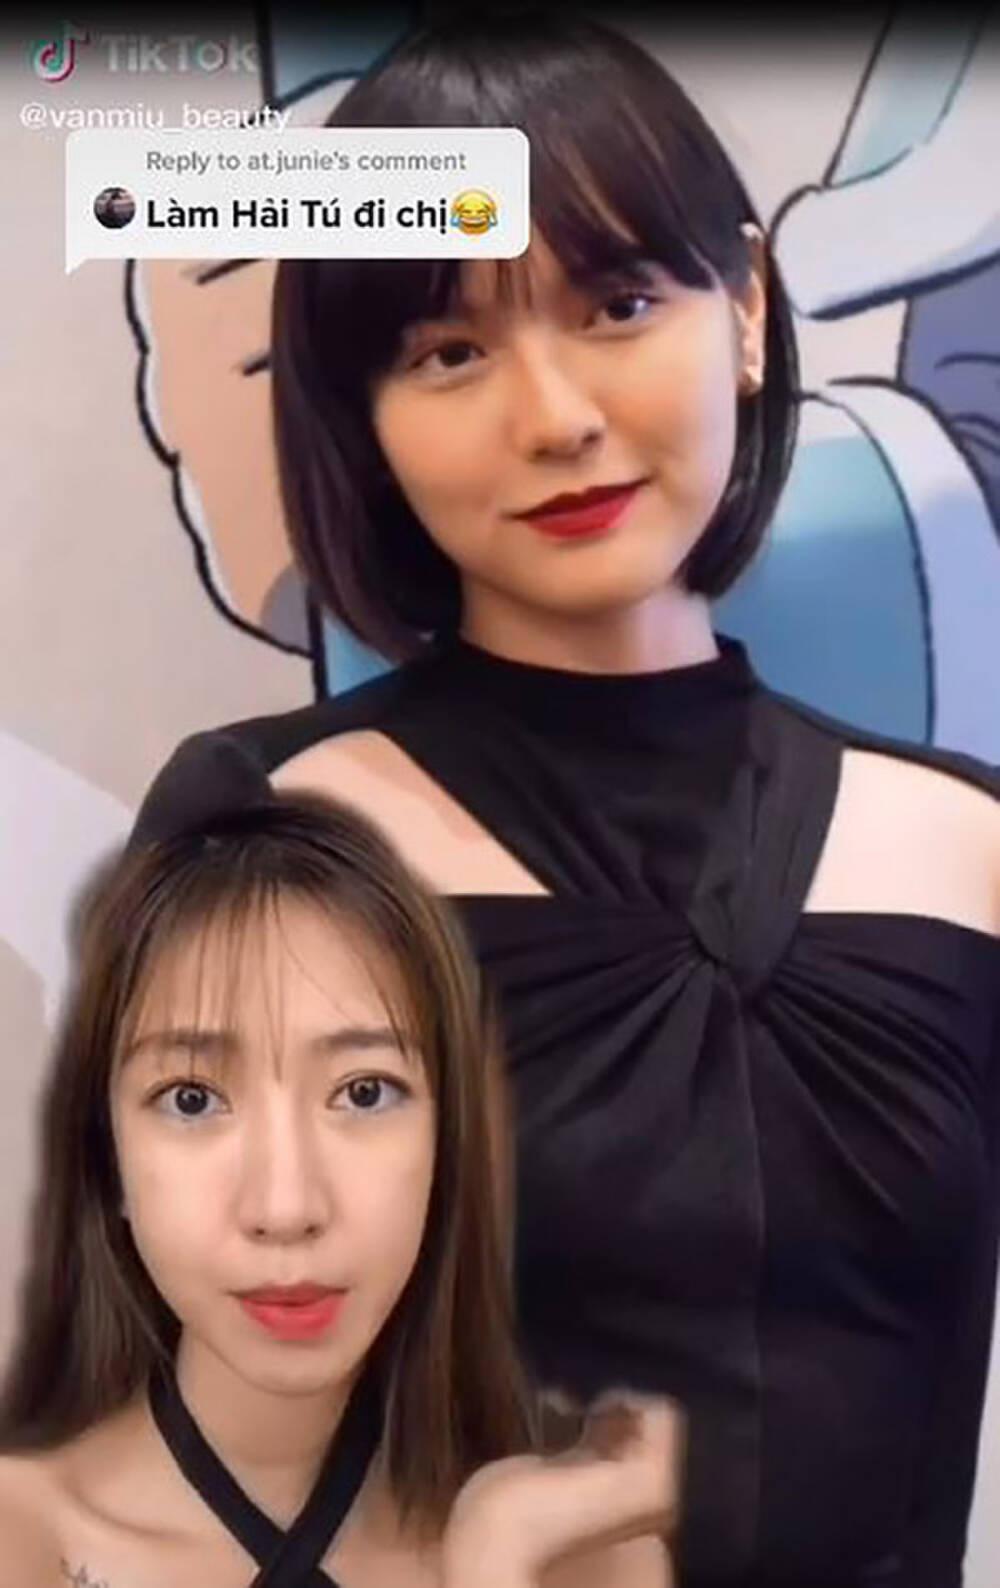 Clip: Cô gái makeup biến hình thành Hải Tú khiến cư dân mạng kinh ngạc - Ảnh 2.